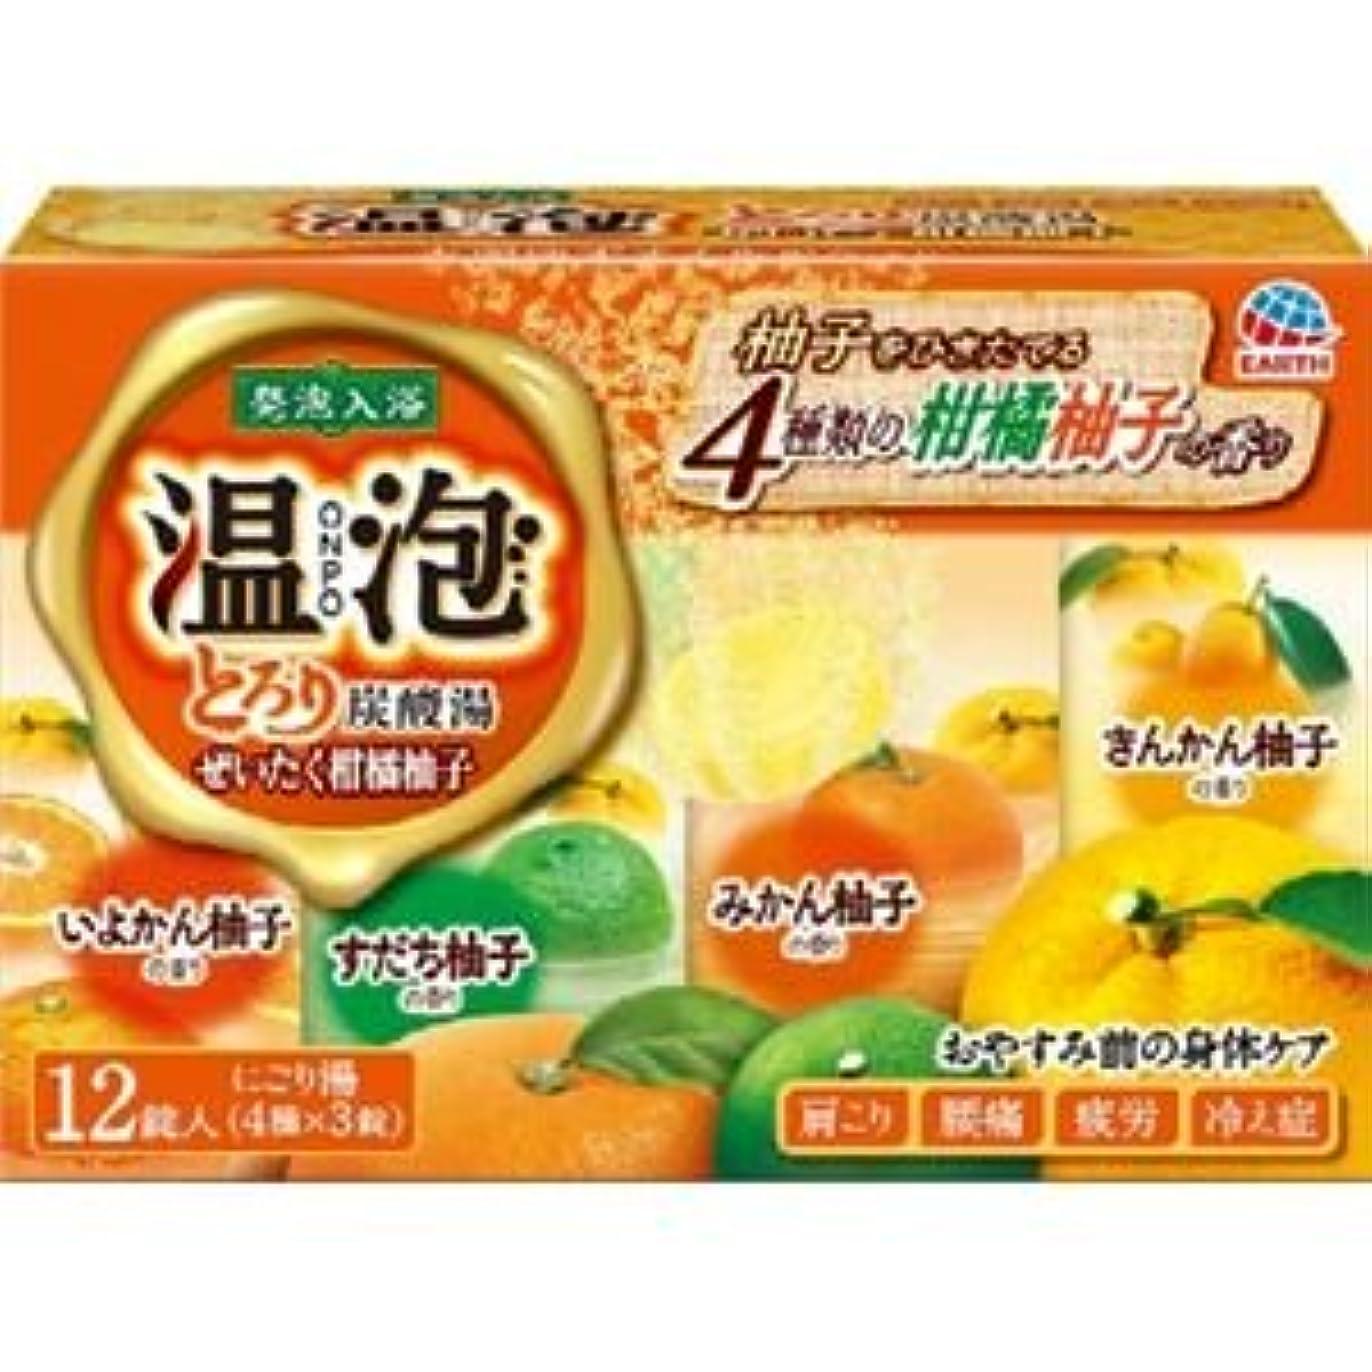 拍手するそれに応じて未接続(まとめ)アース製薬 温泡とろり炭酸湯ぜいたく柑橘柚子12錠入 【×3点セット】